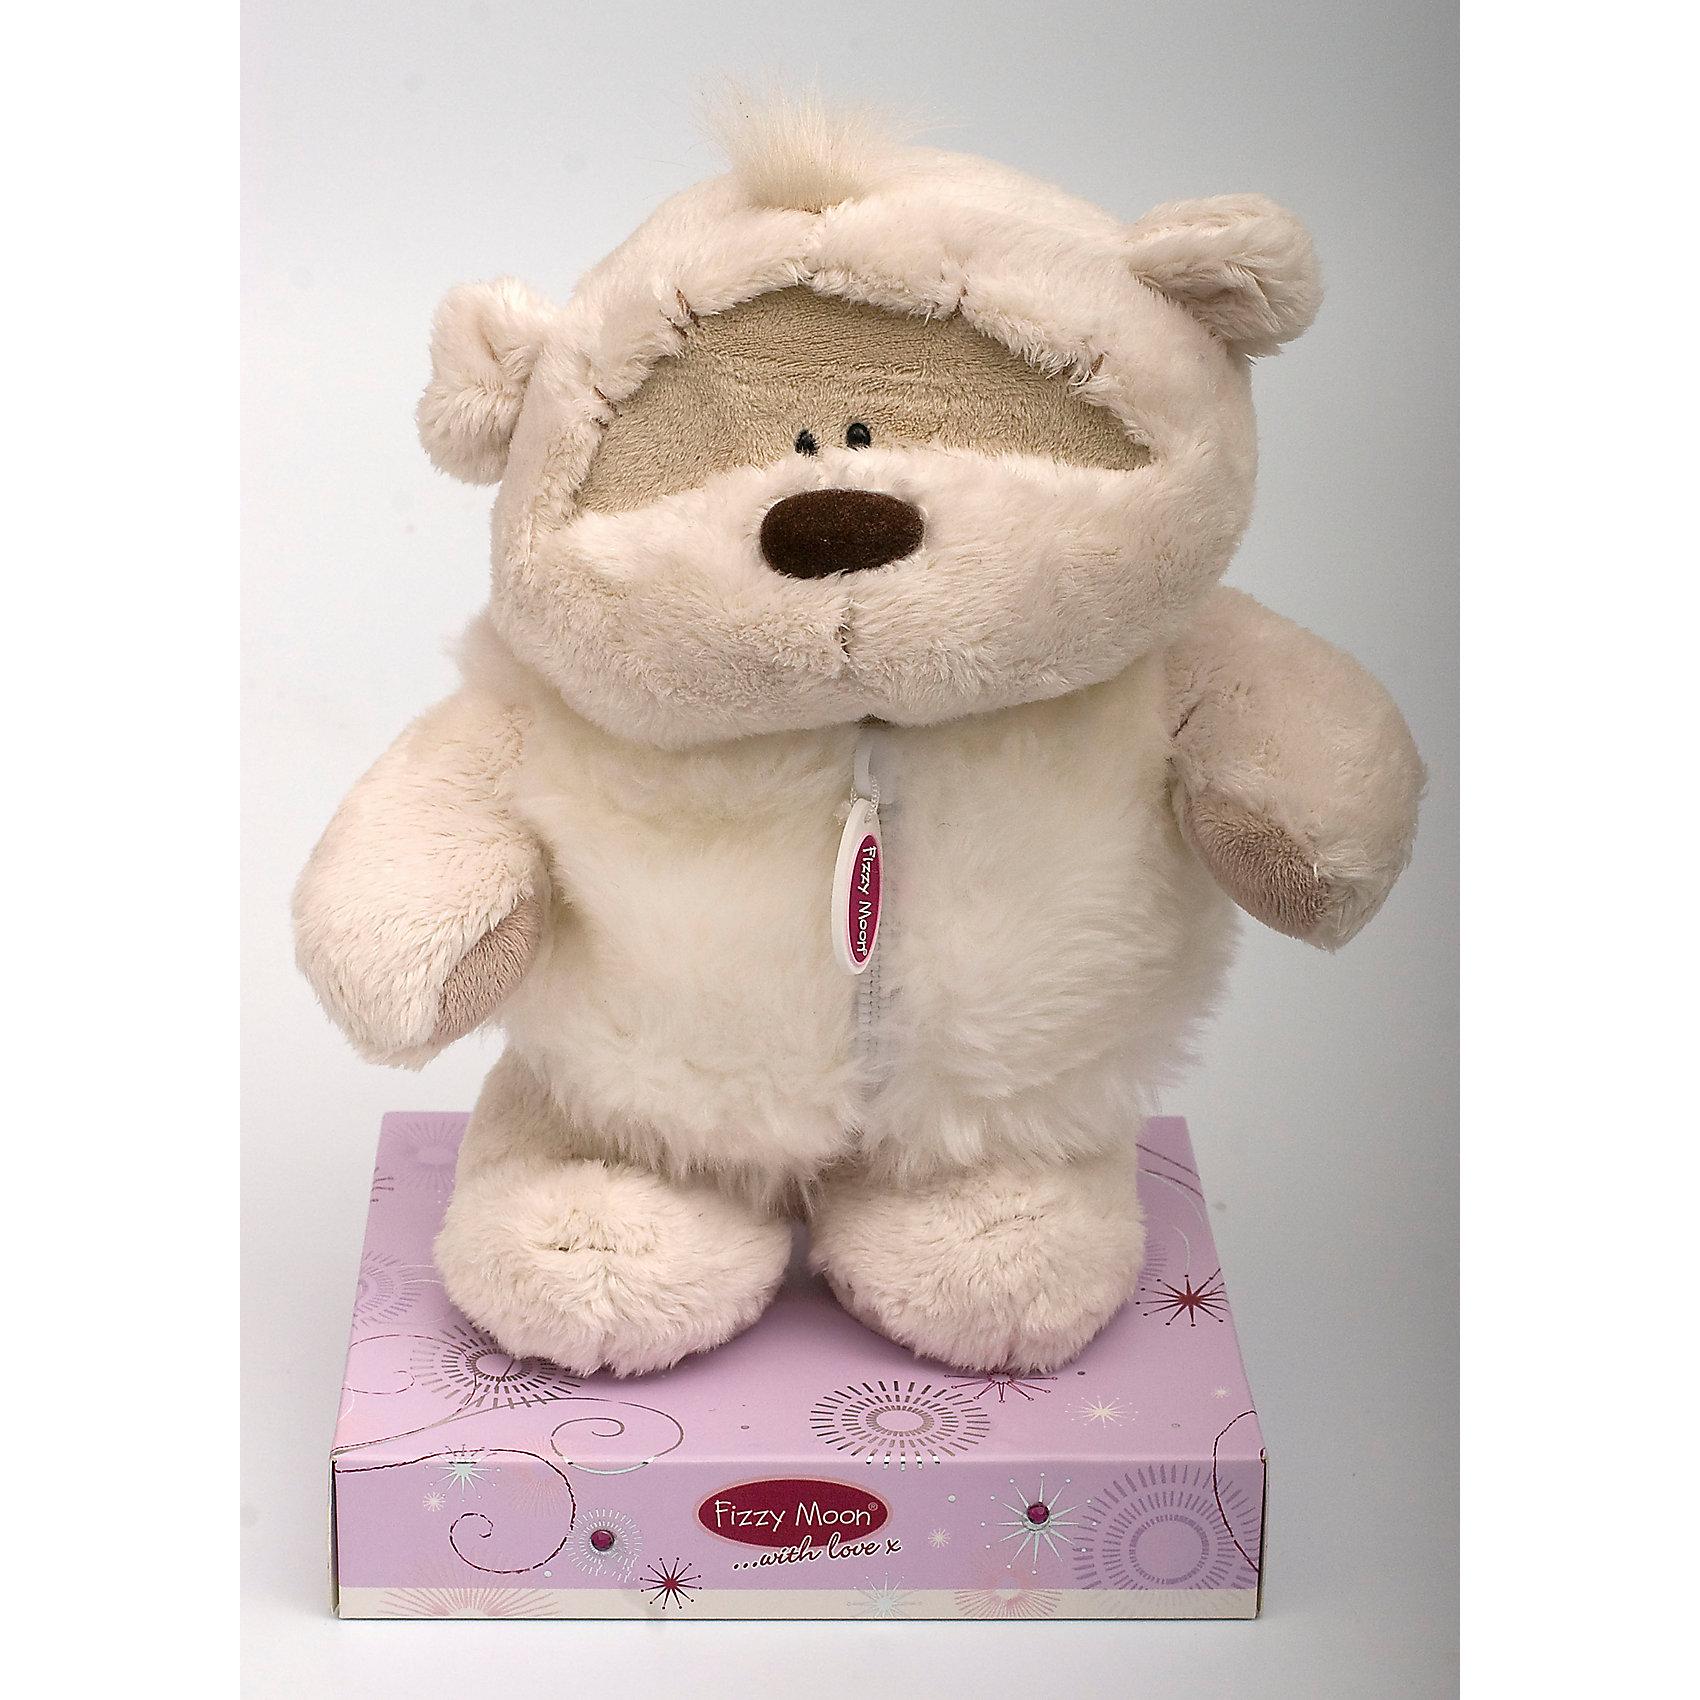 Мишка, 20 см, Fizzy MoonМишка, 20 см, Fizzy Moon (Физзи Мун).<br><br>Характеристики:<br><br>- Размер: 20 см.<br>- Материал: искусственный мех, текстиль<br><br>Сентиментальный медвежонок по имени Физзи Мун в меховом жилете, стоящий на подставке, вызывает только положительные эмоции. Трогательный и обаятельный мишка порадует как детей, так и взрослых. У мишки умилительная смешная мордашка, забавный носик и черные как угольки глазки. Он изготовлен из высококачественных материалов. Fizzy Moon (Физзи Мун) всемирно известный бренд игрушек, который уже завоевал любовь и популярность! Добрый мишка Физзи Мун станет отличным подарком!<br><br>Мишку, 20 см, Fizzy Moon (Физзи Мун) можно купить в нашем интернет-магазине.<br><br>Ширина мм: 9999<br>Глубина мм: 9999<br>Высота мм: 9999<br>Вес г: 280<br>Возраст от месяцев: 36<br>Возраст до месяцев: 2147483647<br>Пол: Женский<br>Возраст: Детский<br>SKU: 5119980